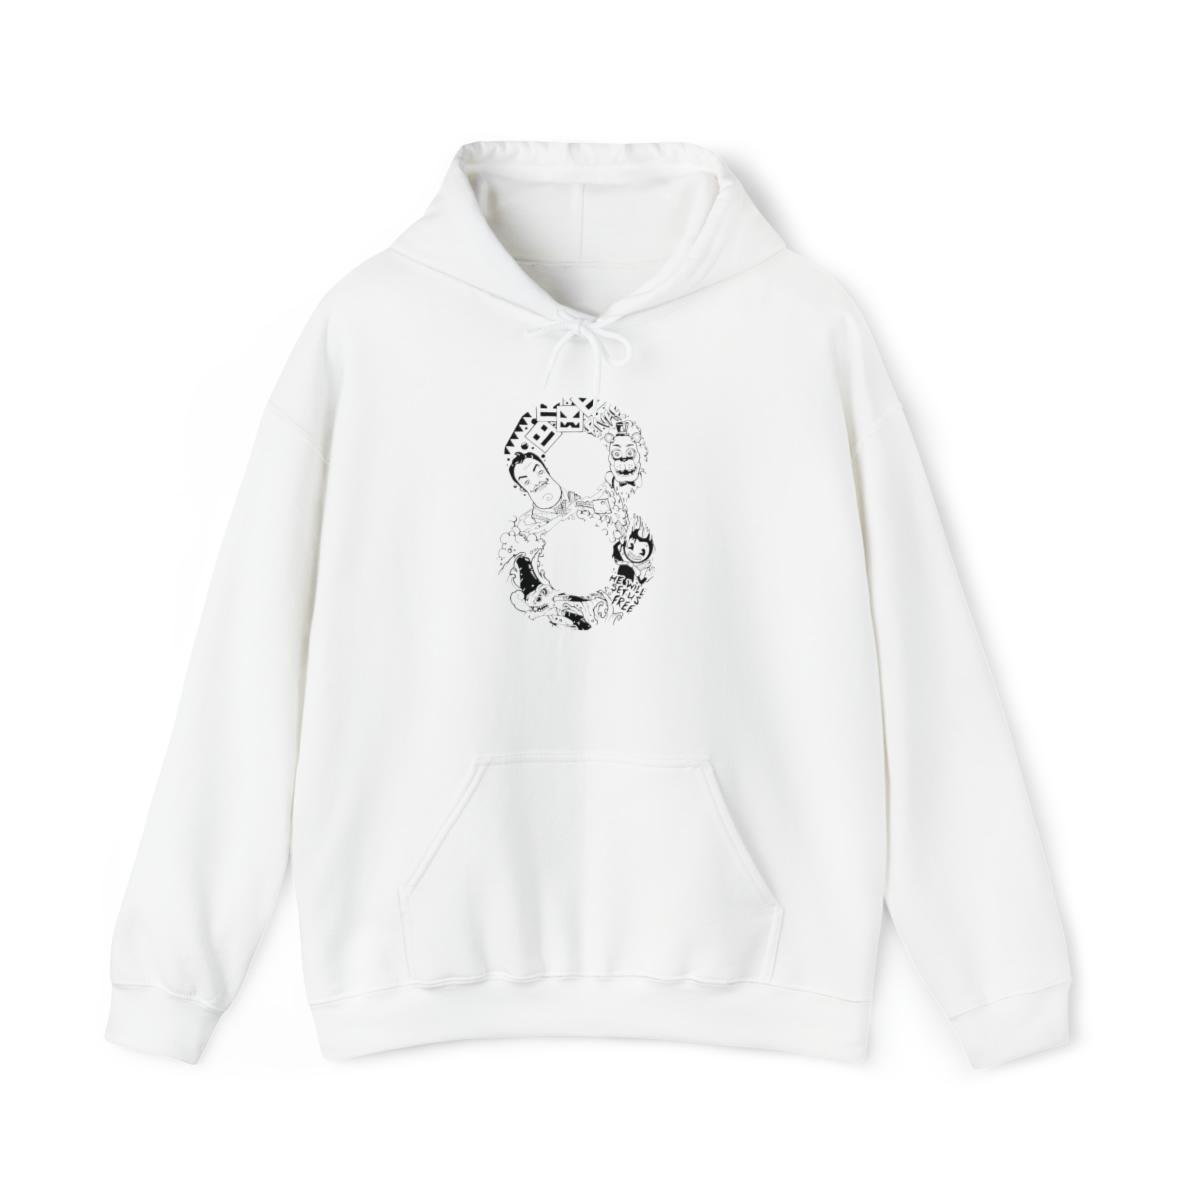 8Bit Hoodie - White